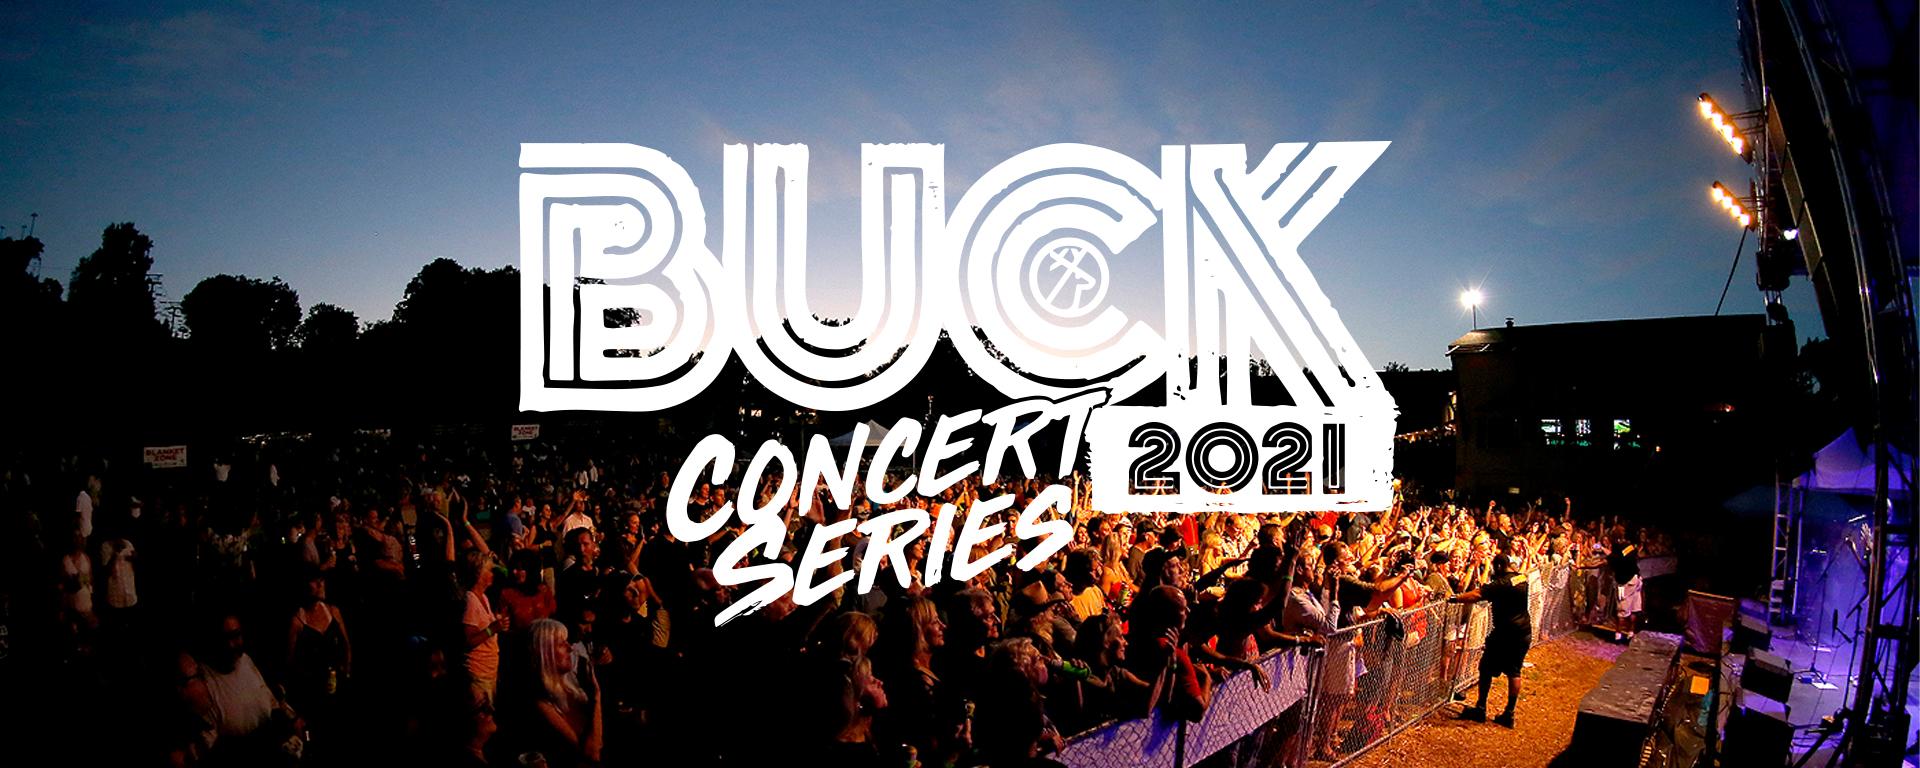 Buck Hill Concert Series 2021